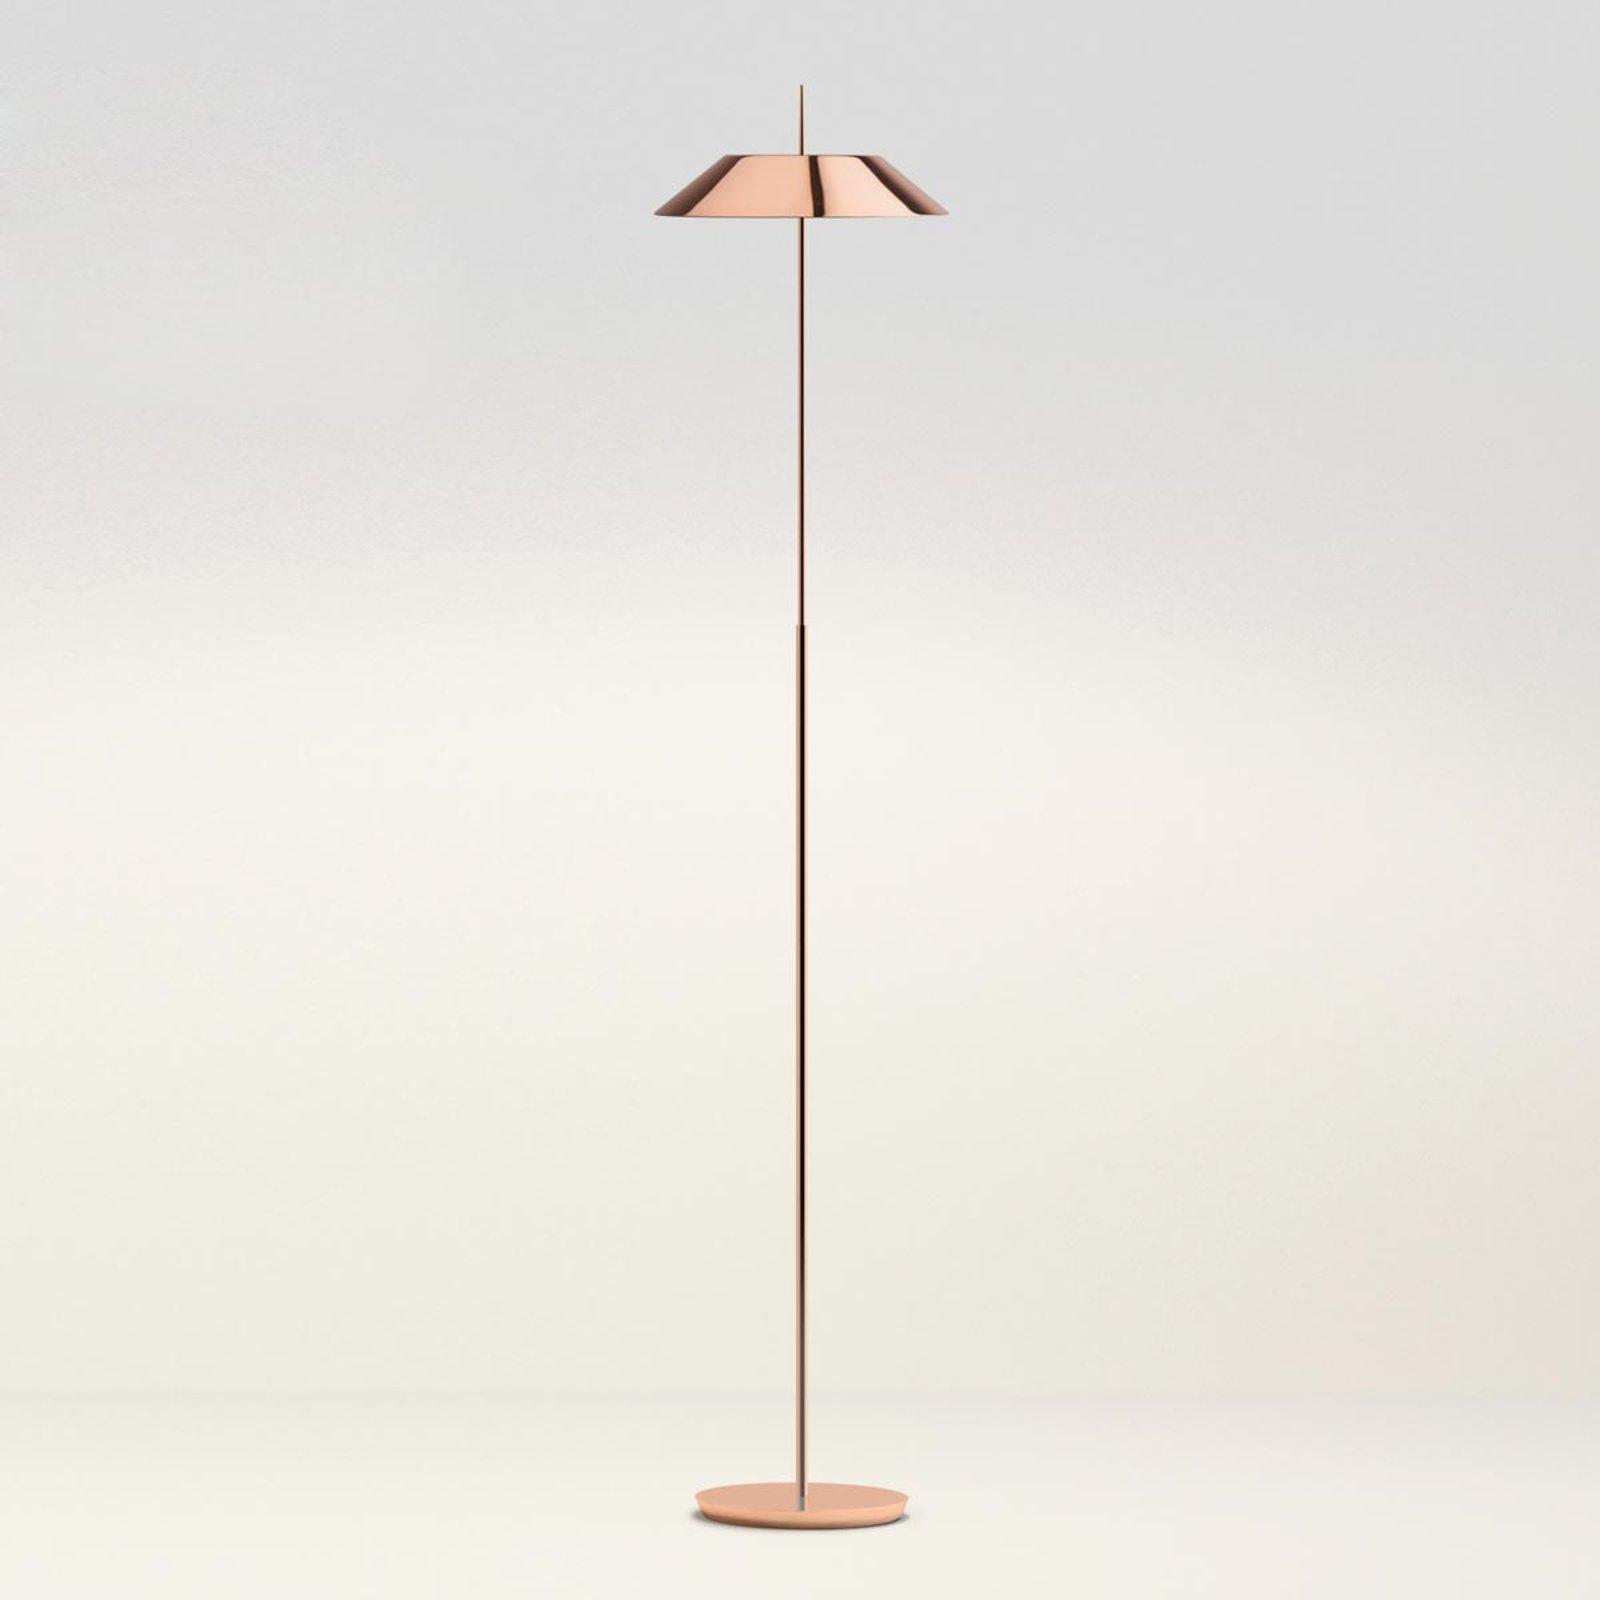 Mayfair edel kobberfarget LED-gulvlampe